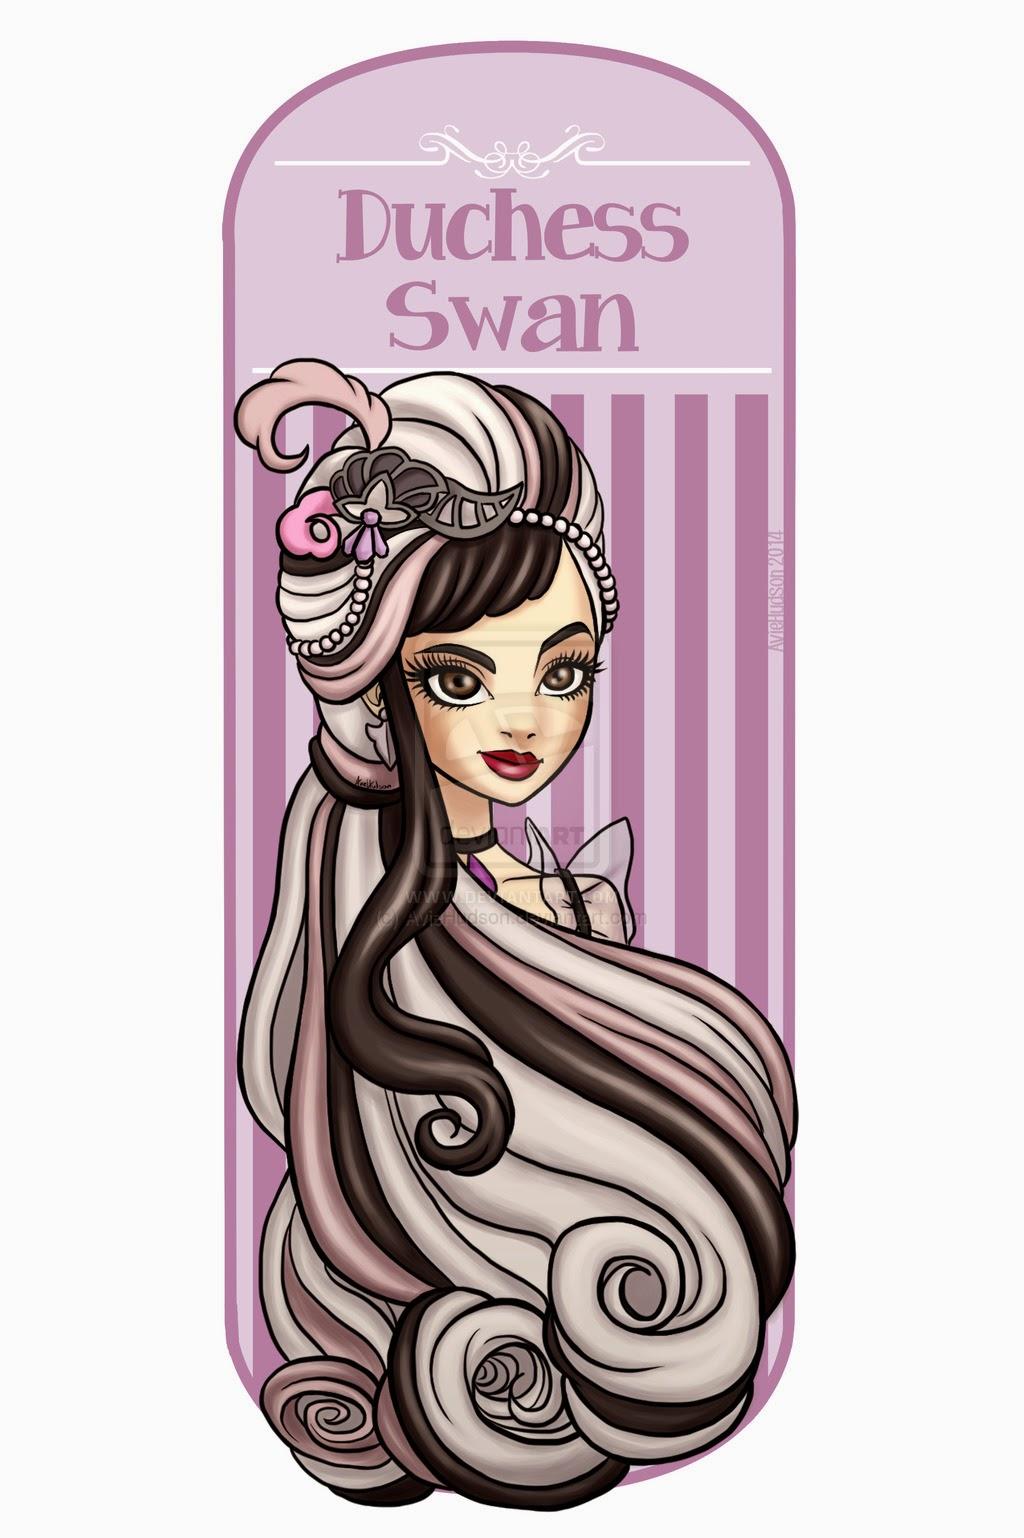 Duchess Swan Cia Dos Gifs